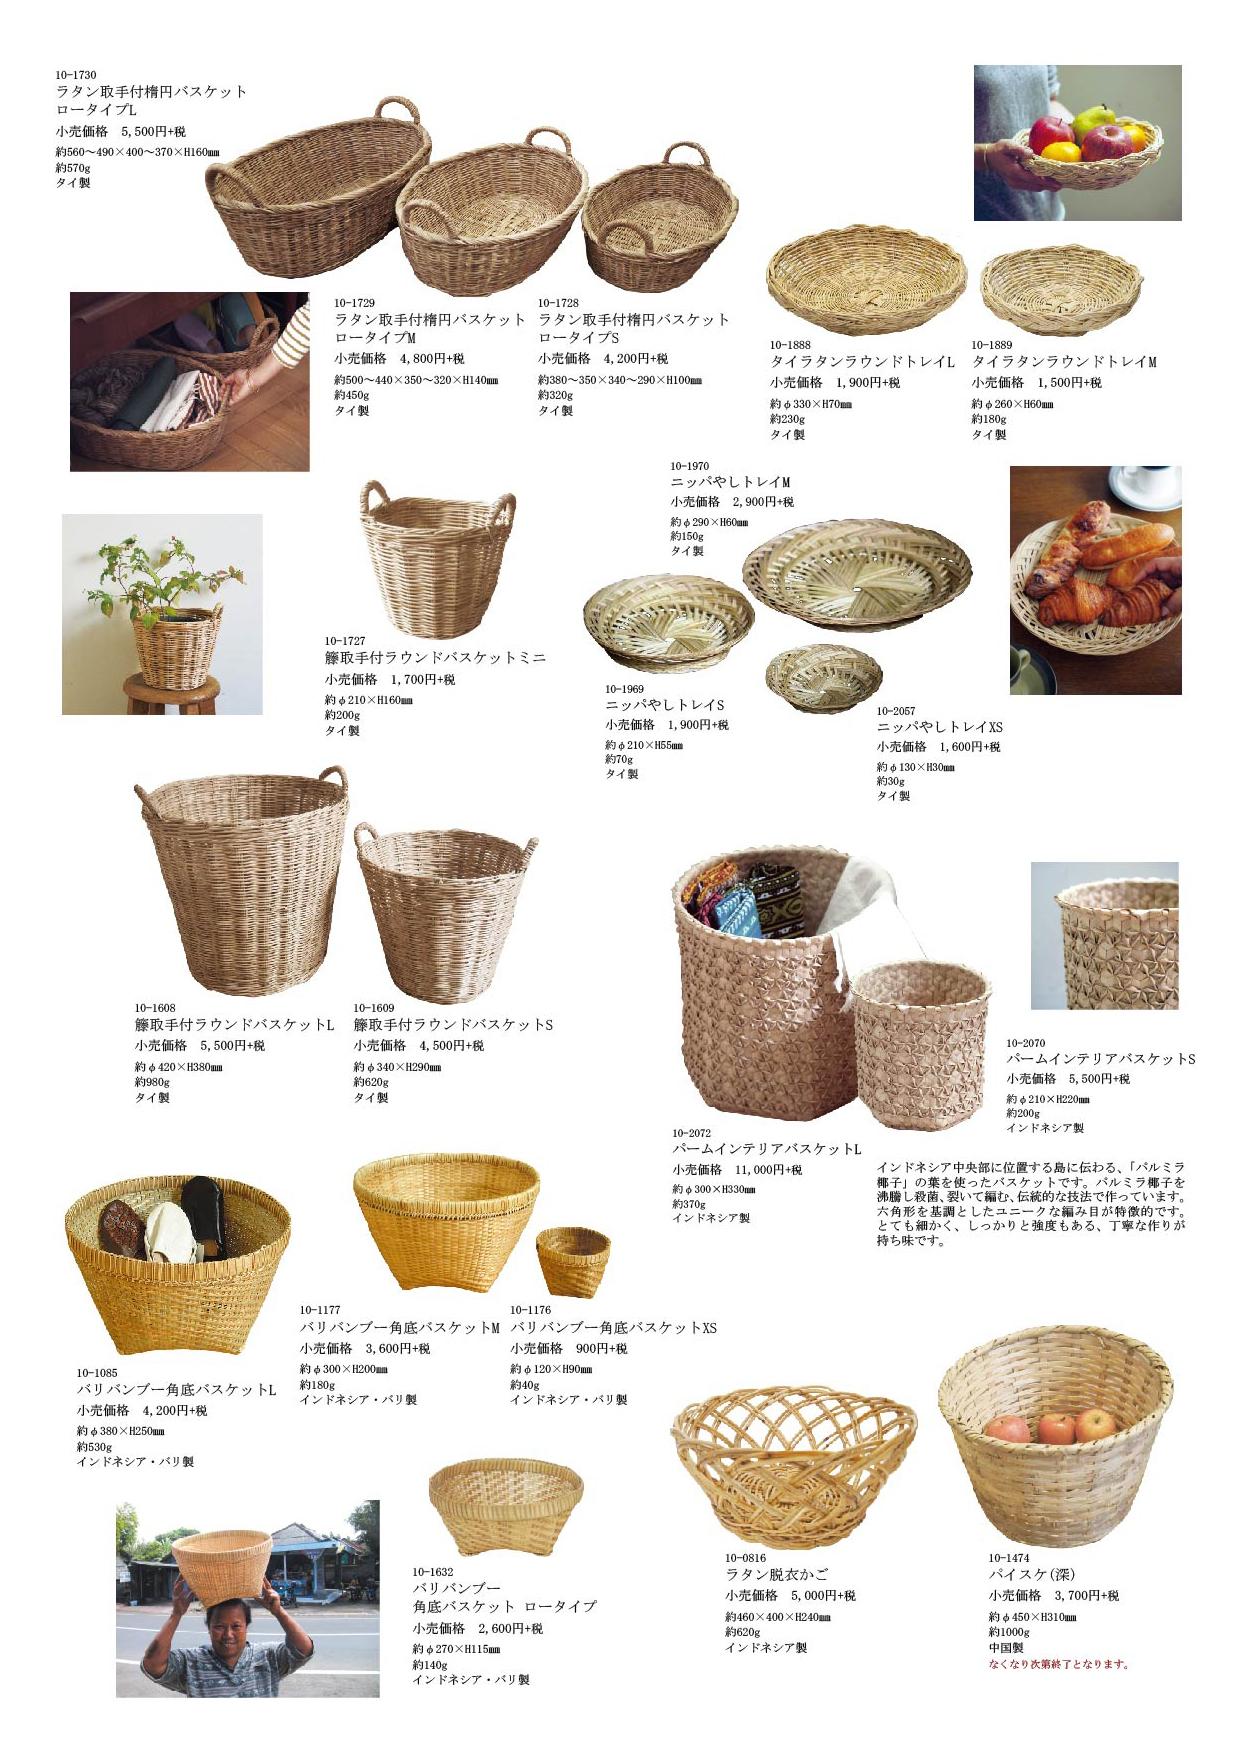 バスケット④-韓国・タイ・インドネシア・ラオスバスケット-